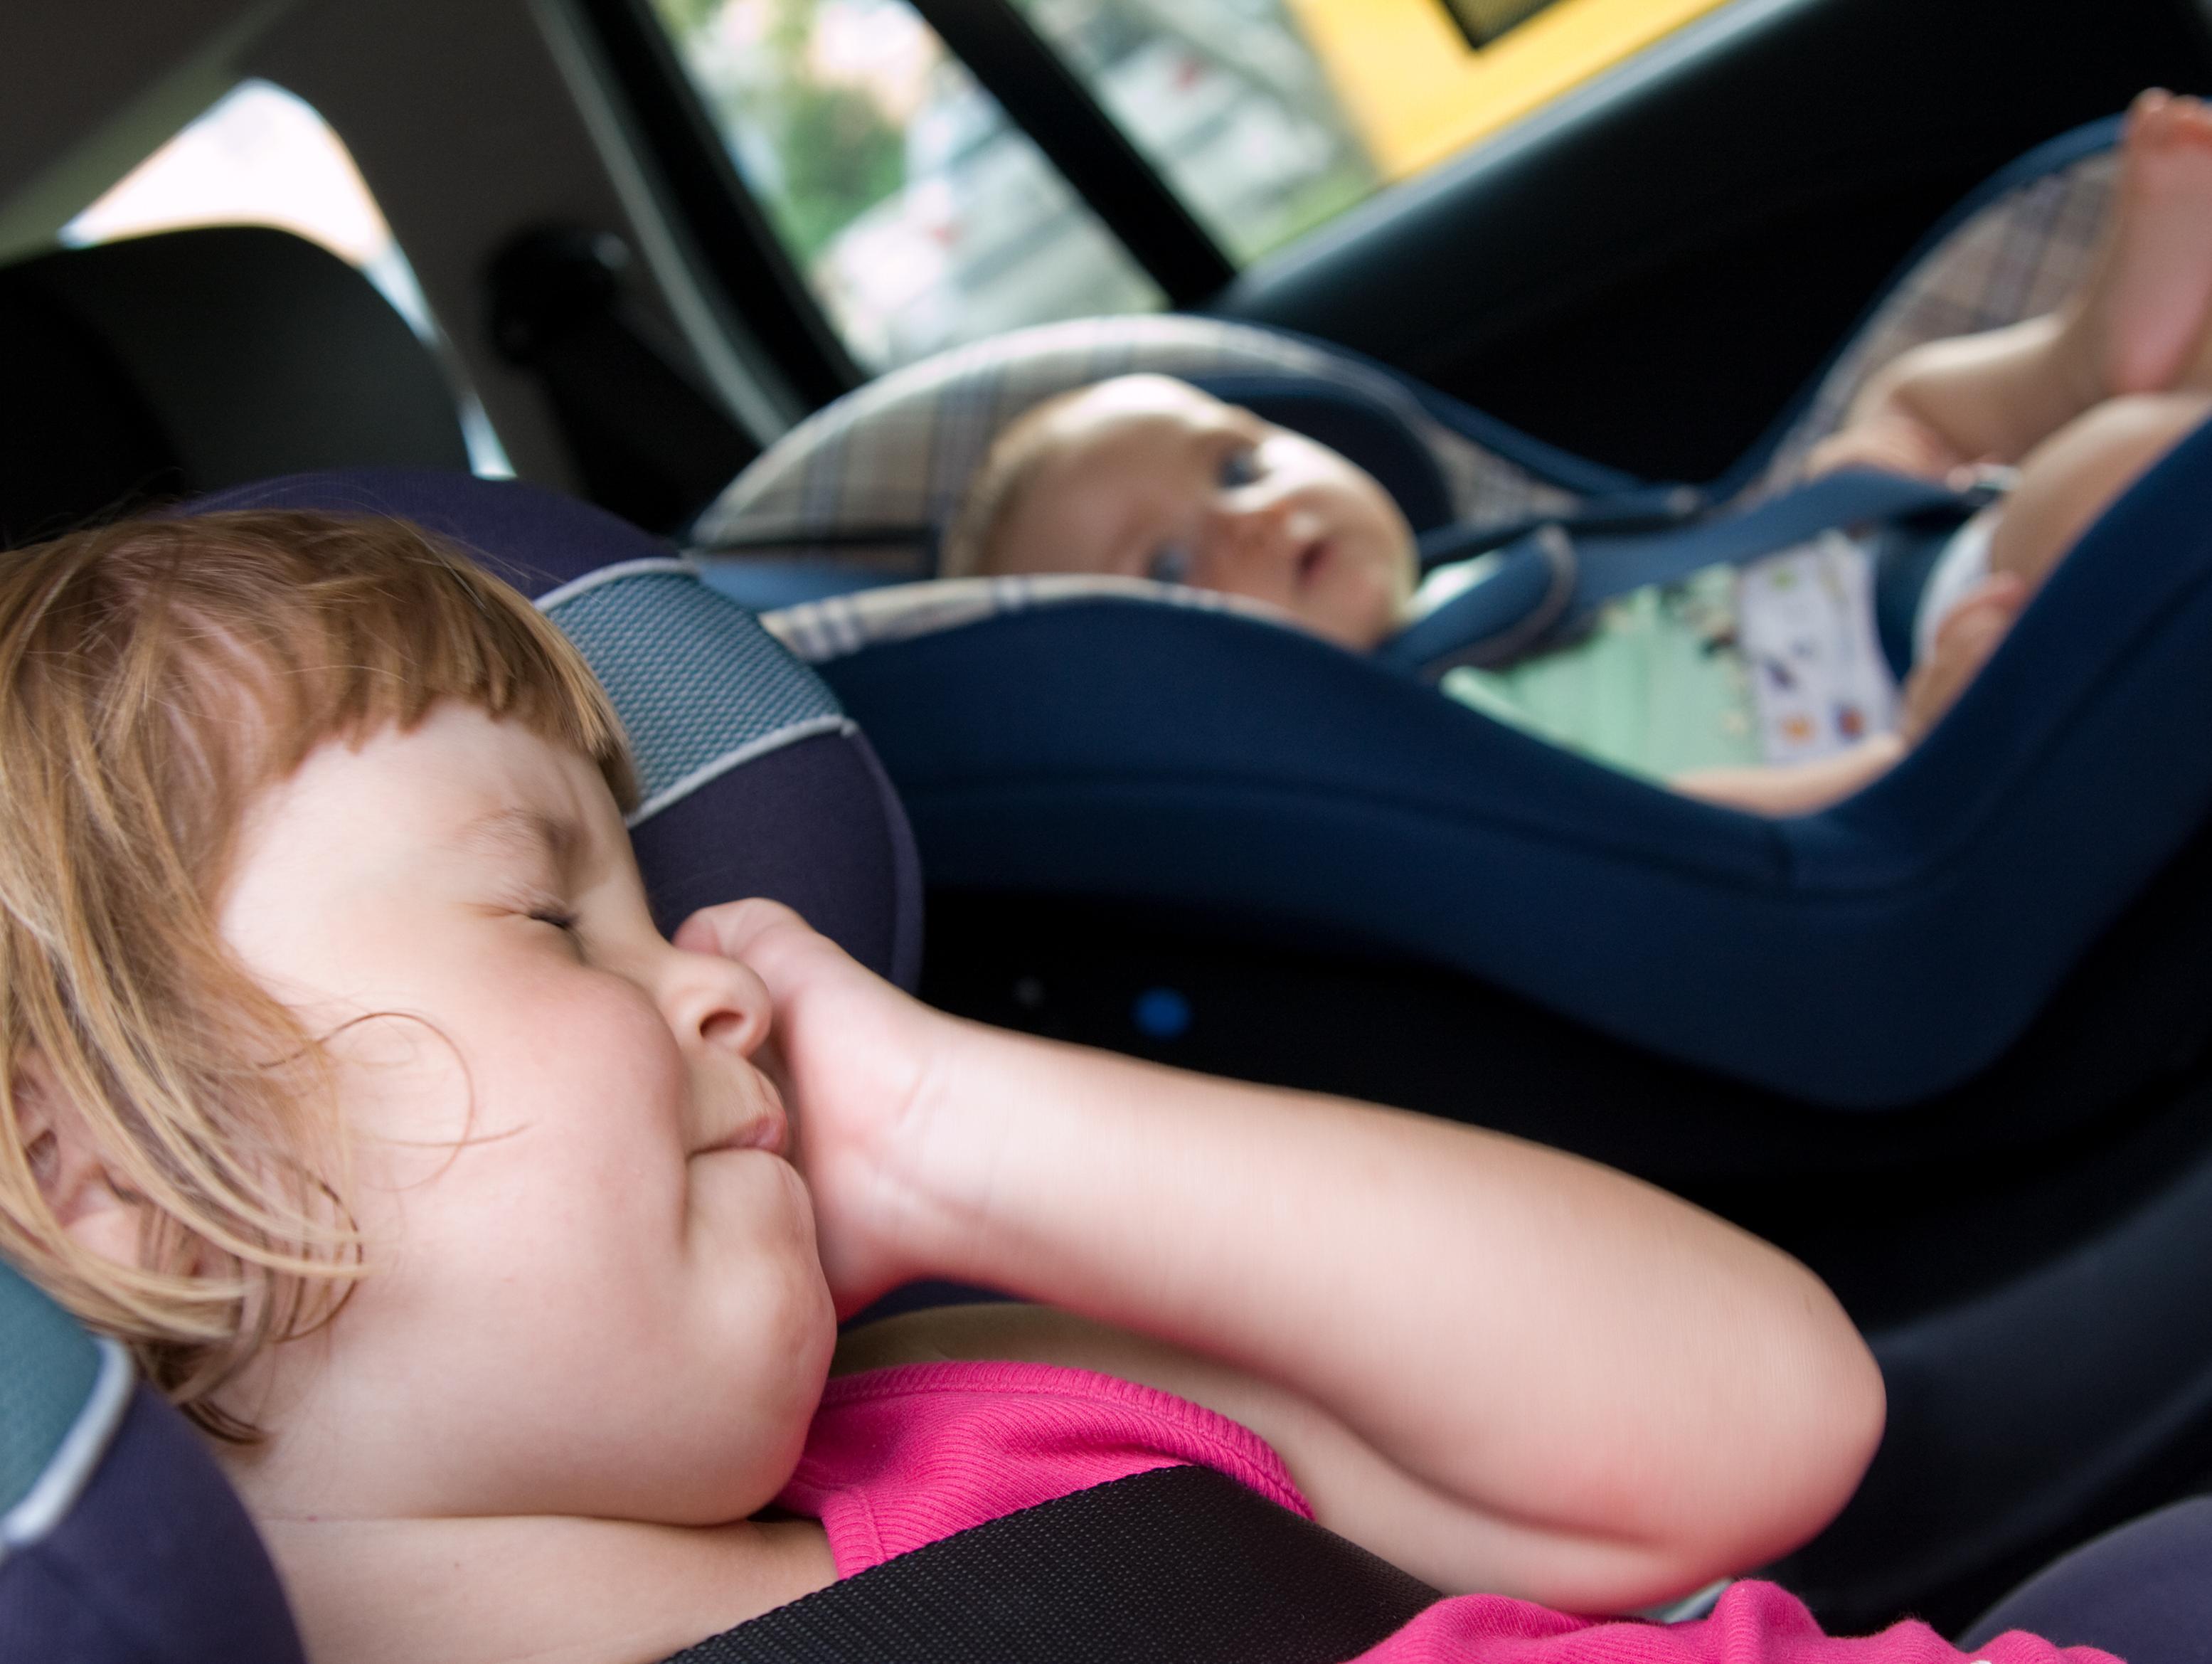 המדריך להישרדות ליל הסדר עם הילדים